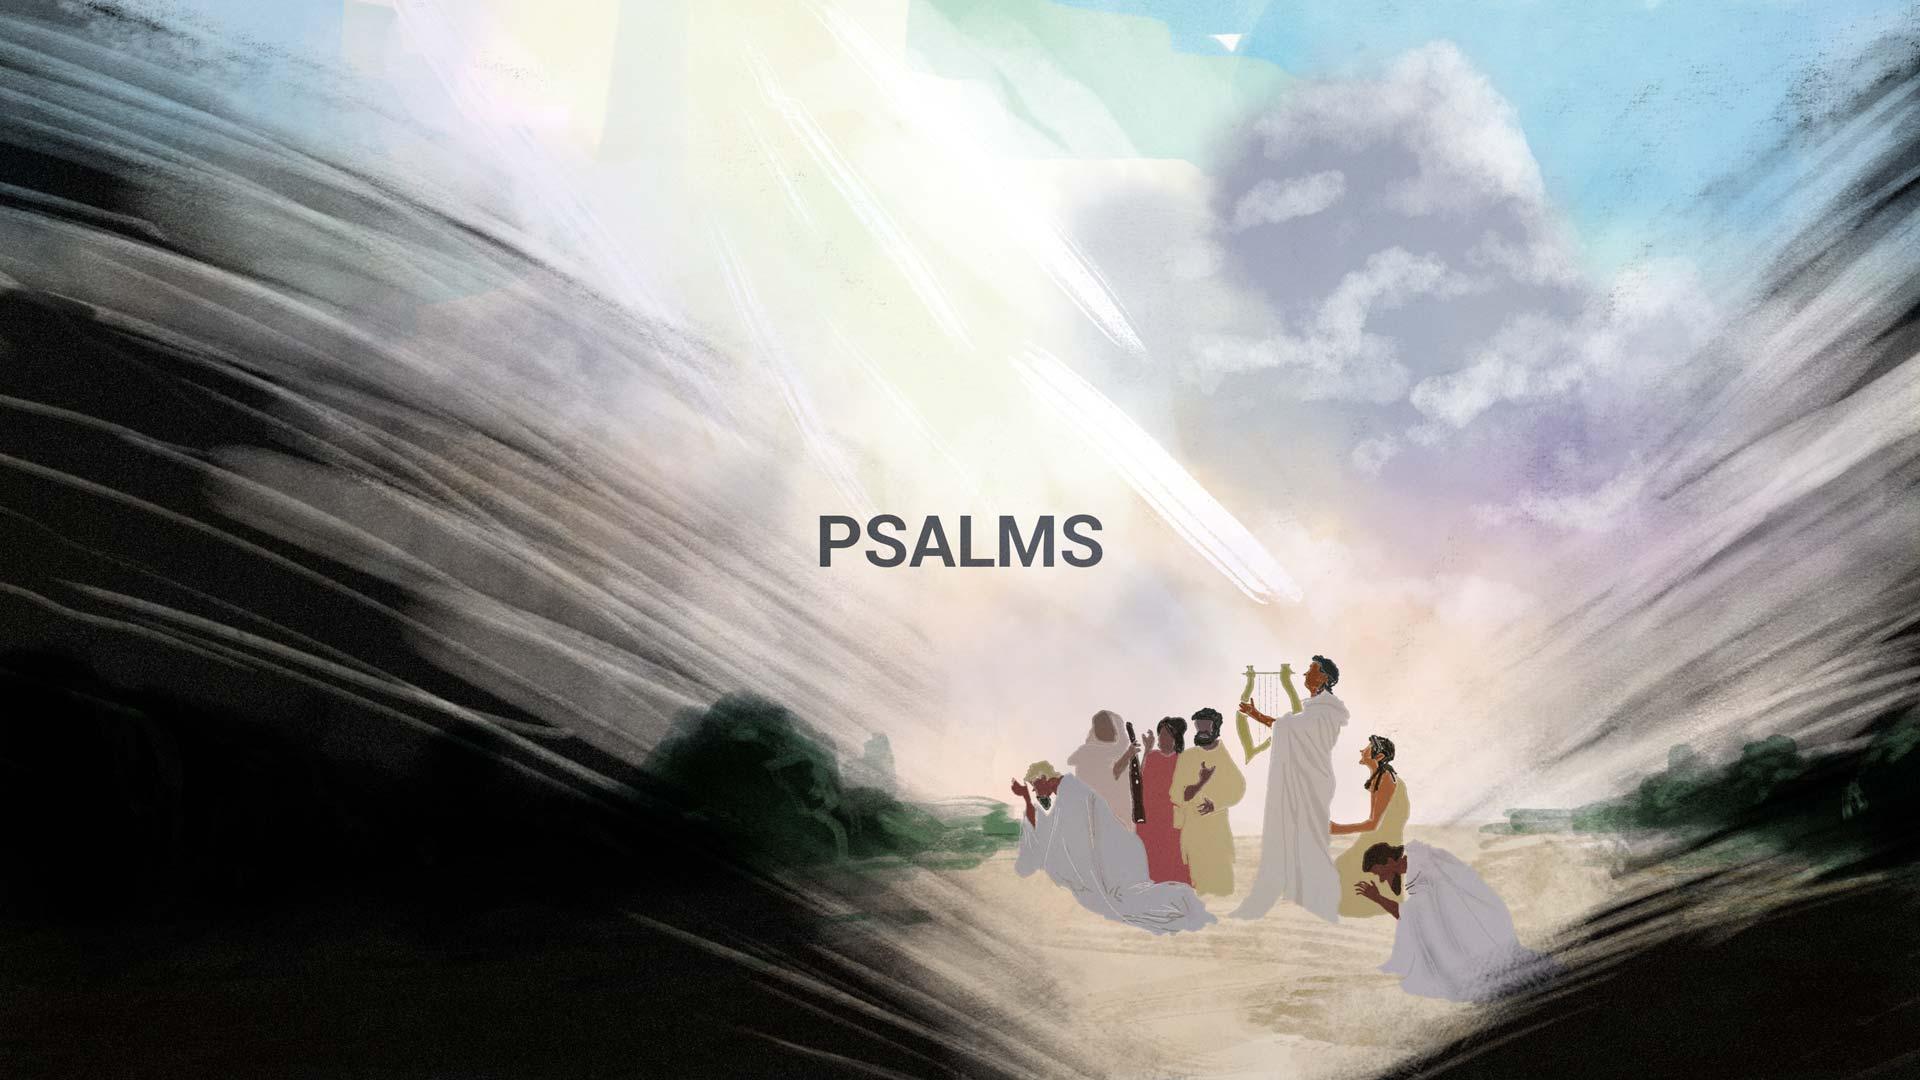 Psalms art.jpg